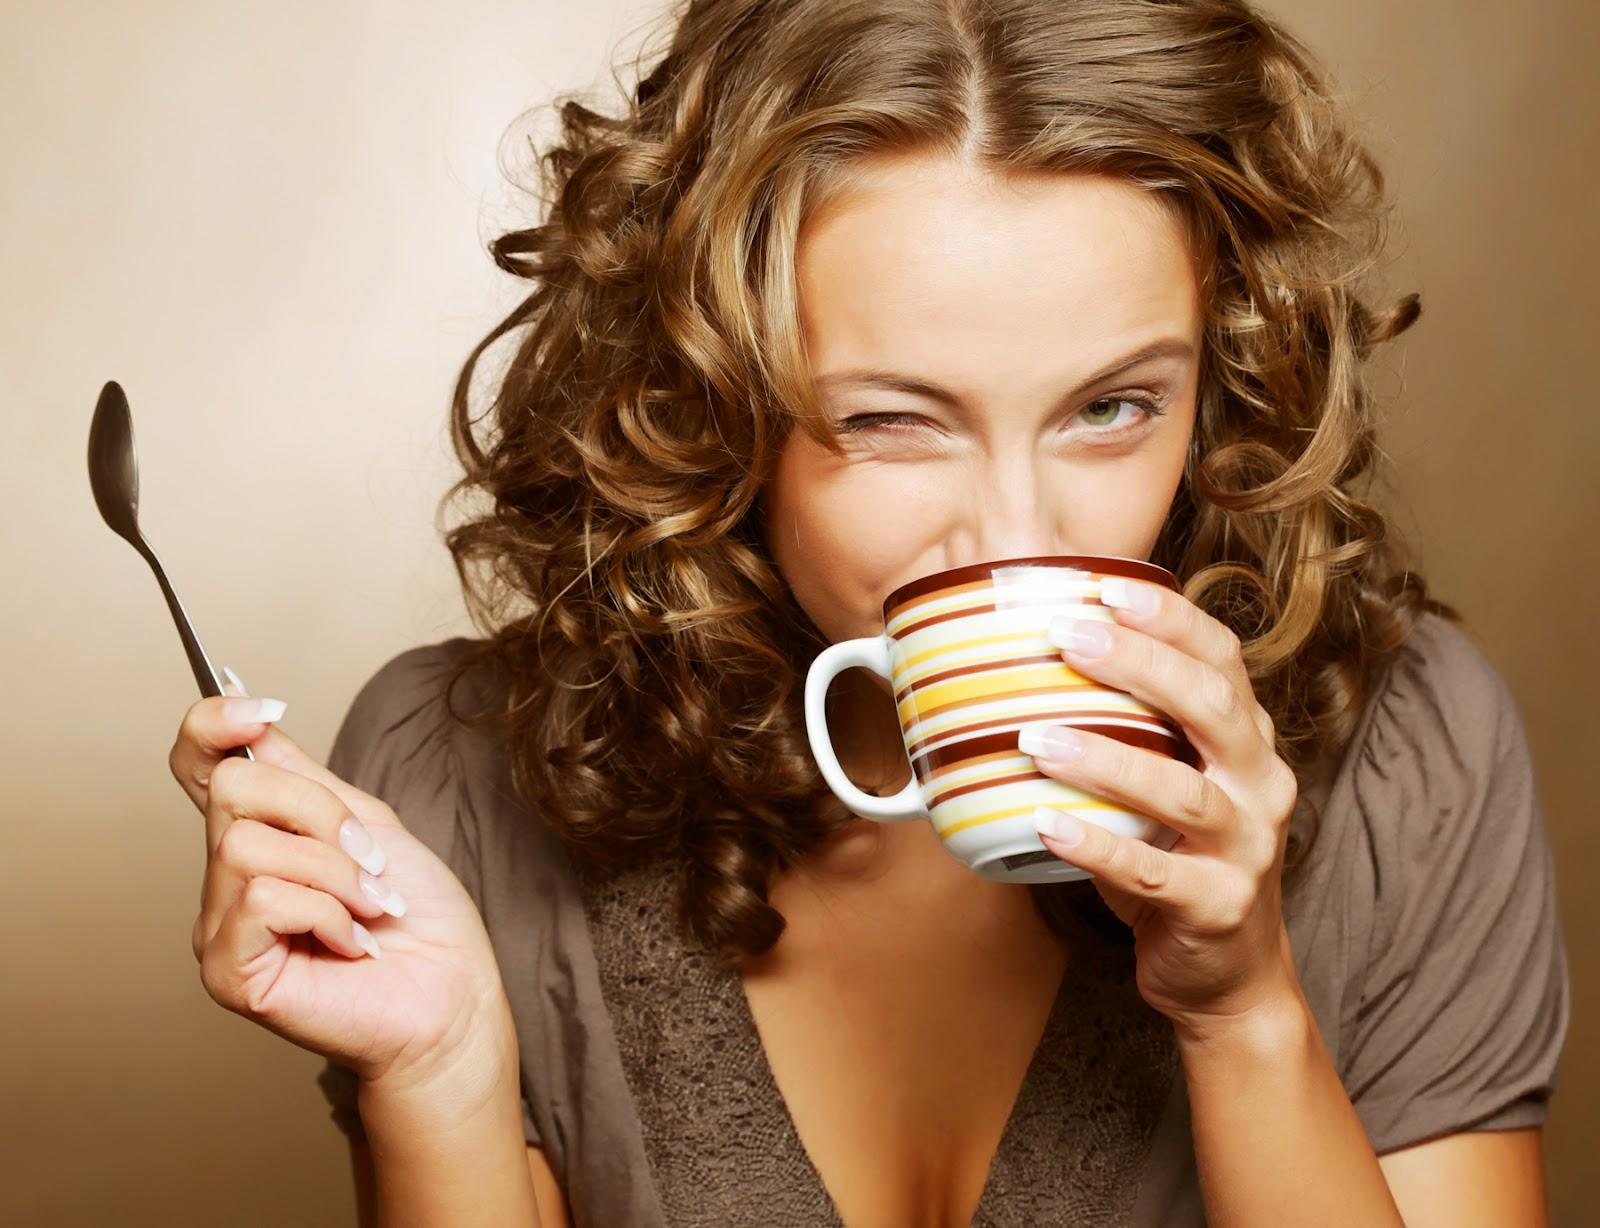 Фото как девочки пьют сперму 13 фотография